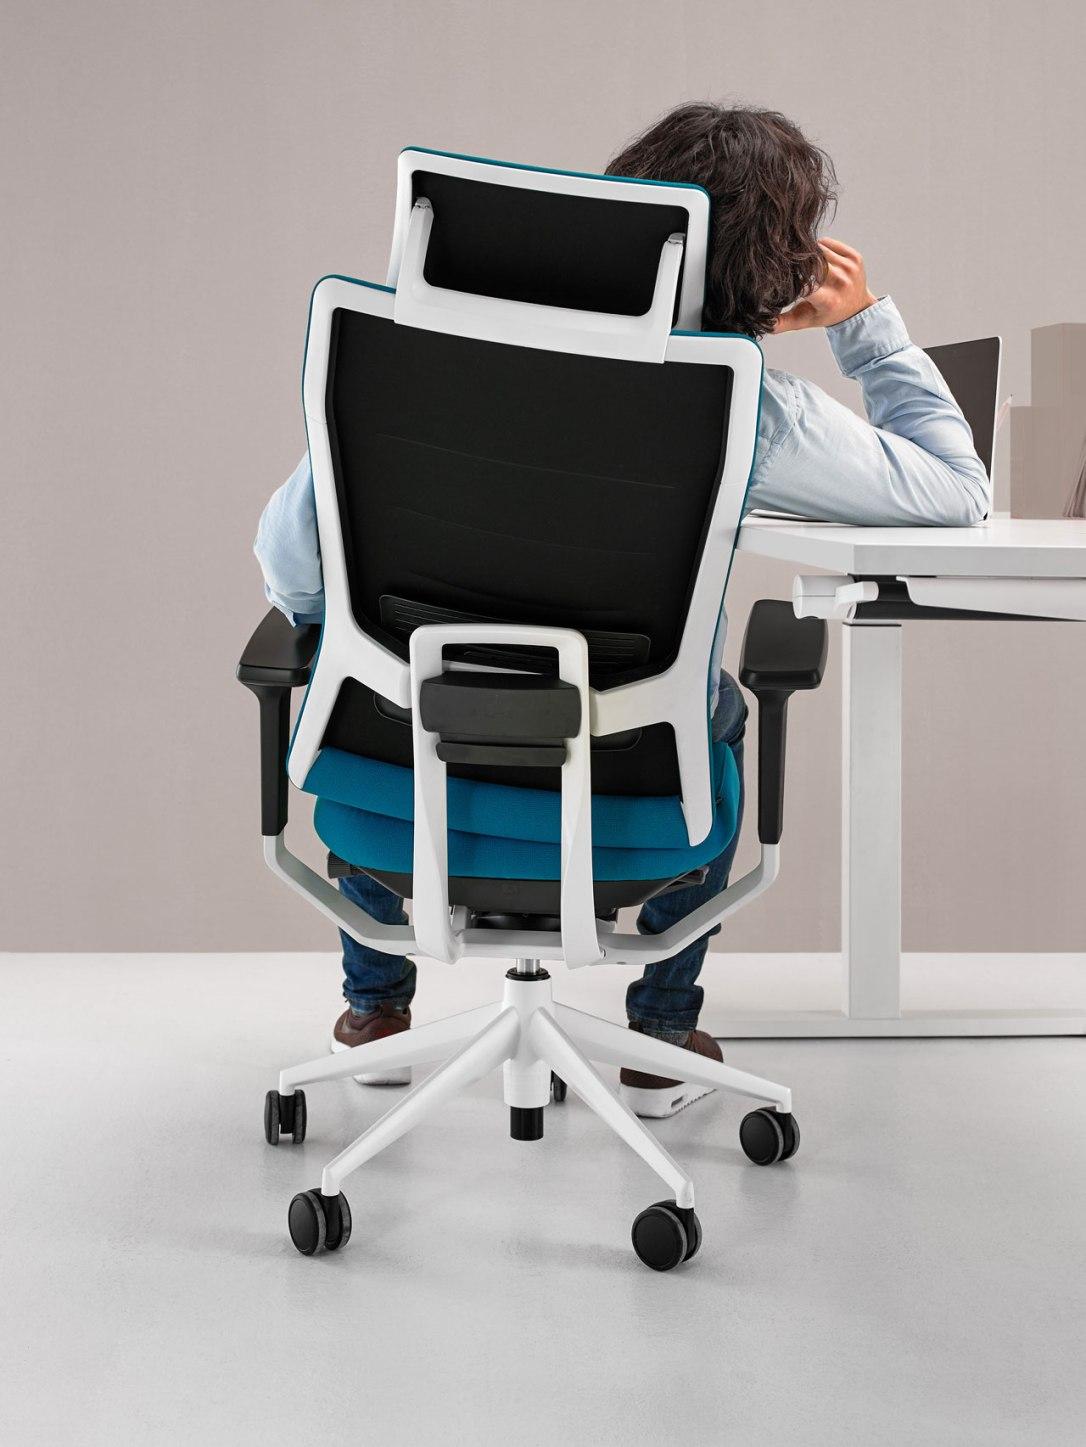 Les Avantages Des Chaises De Bureau Ergonomiques